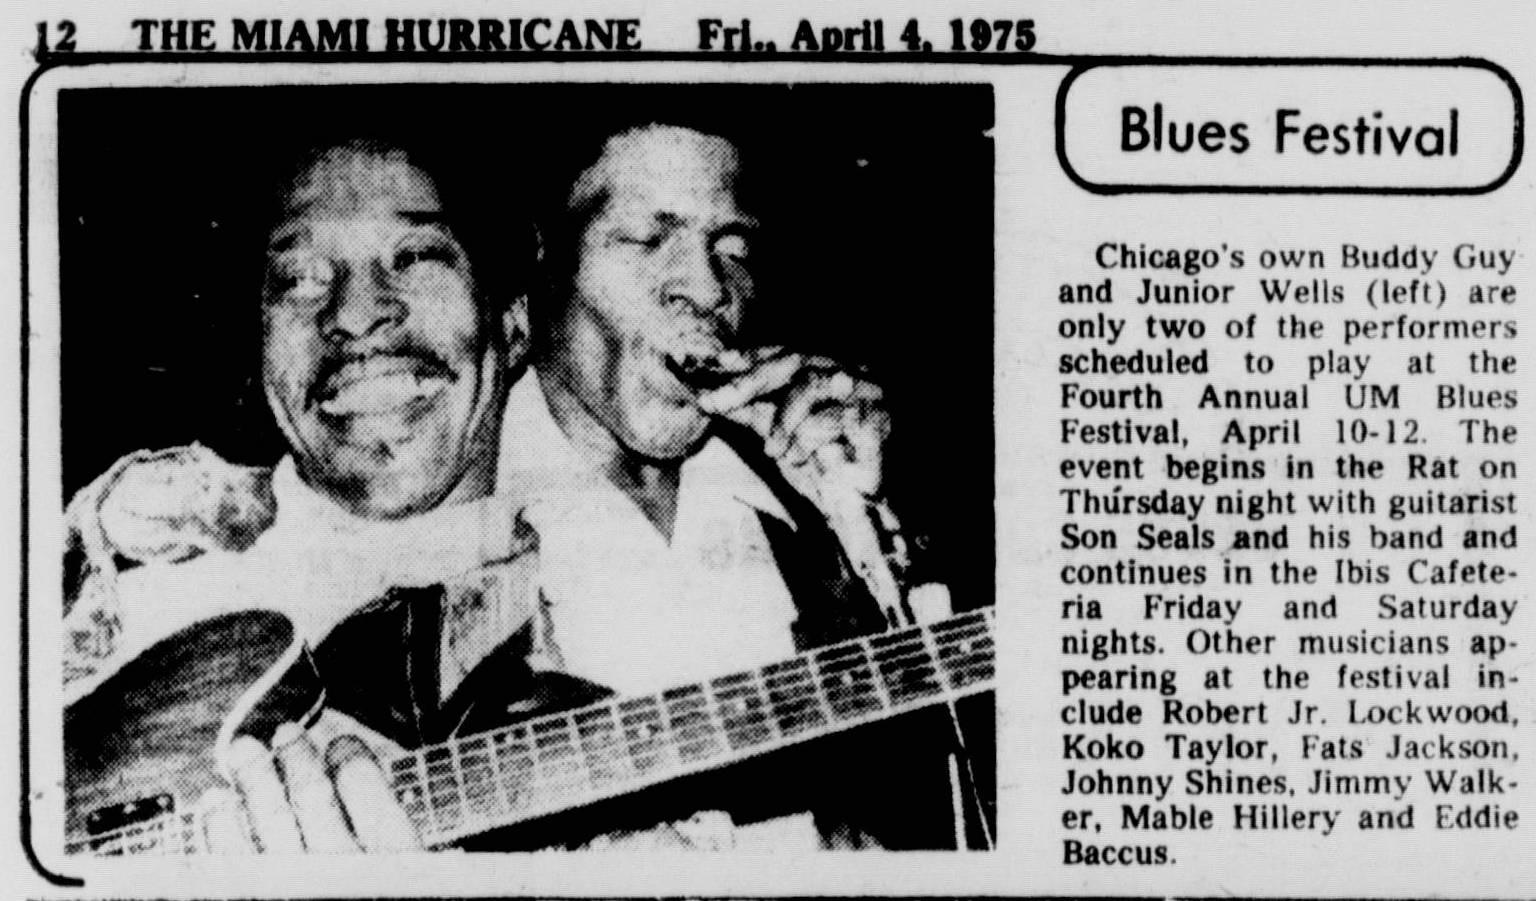 Miami Blues Festival preview from  The Miami Hurricane , April 4, 1975